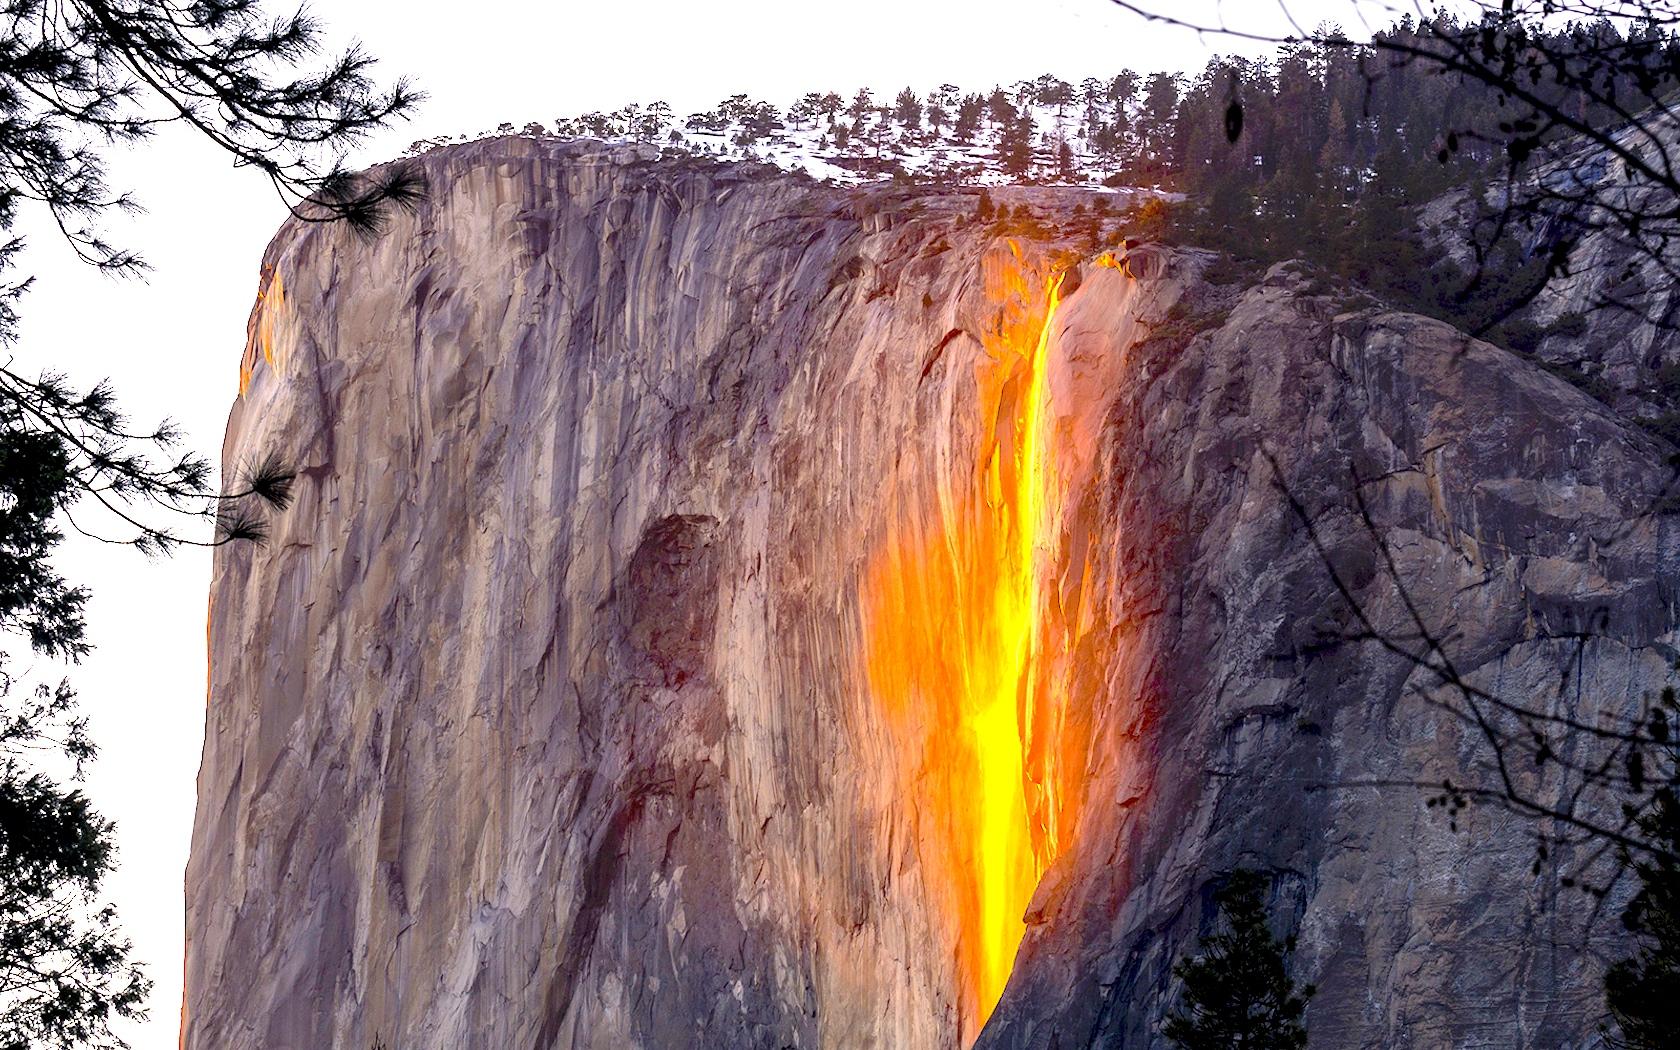 מפל המים Horsetail Falls, הופך למפל אש טבעית בפברואר